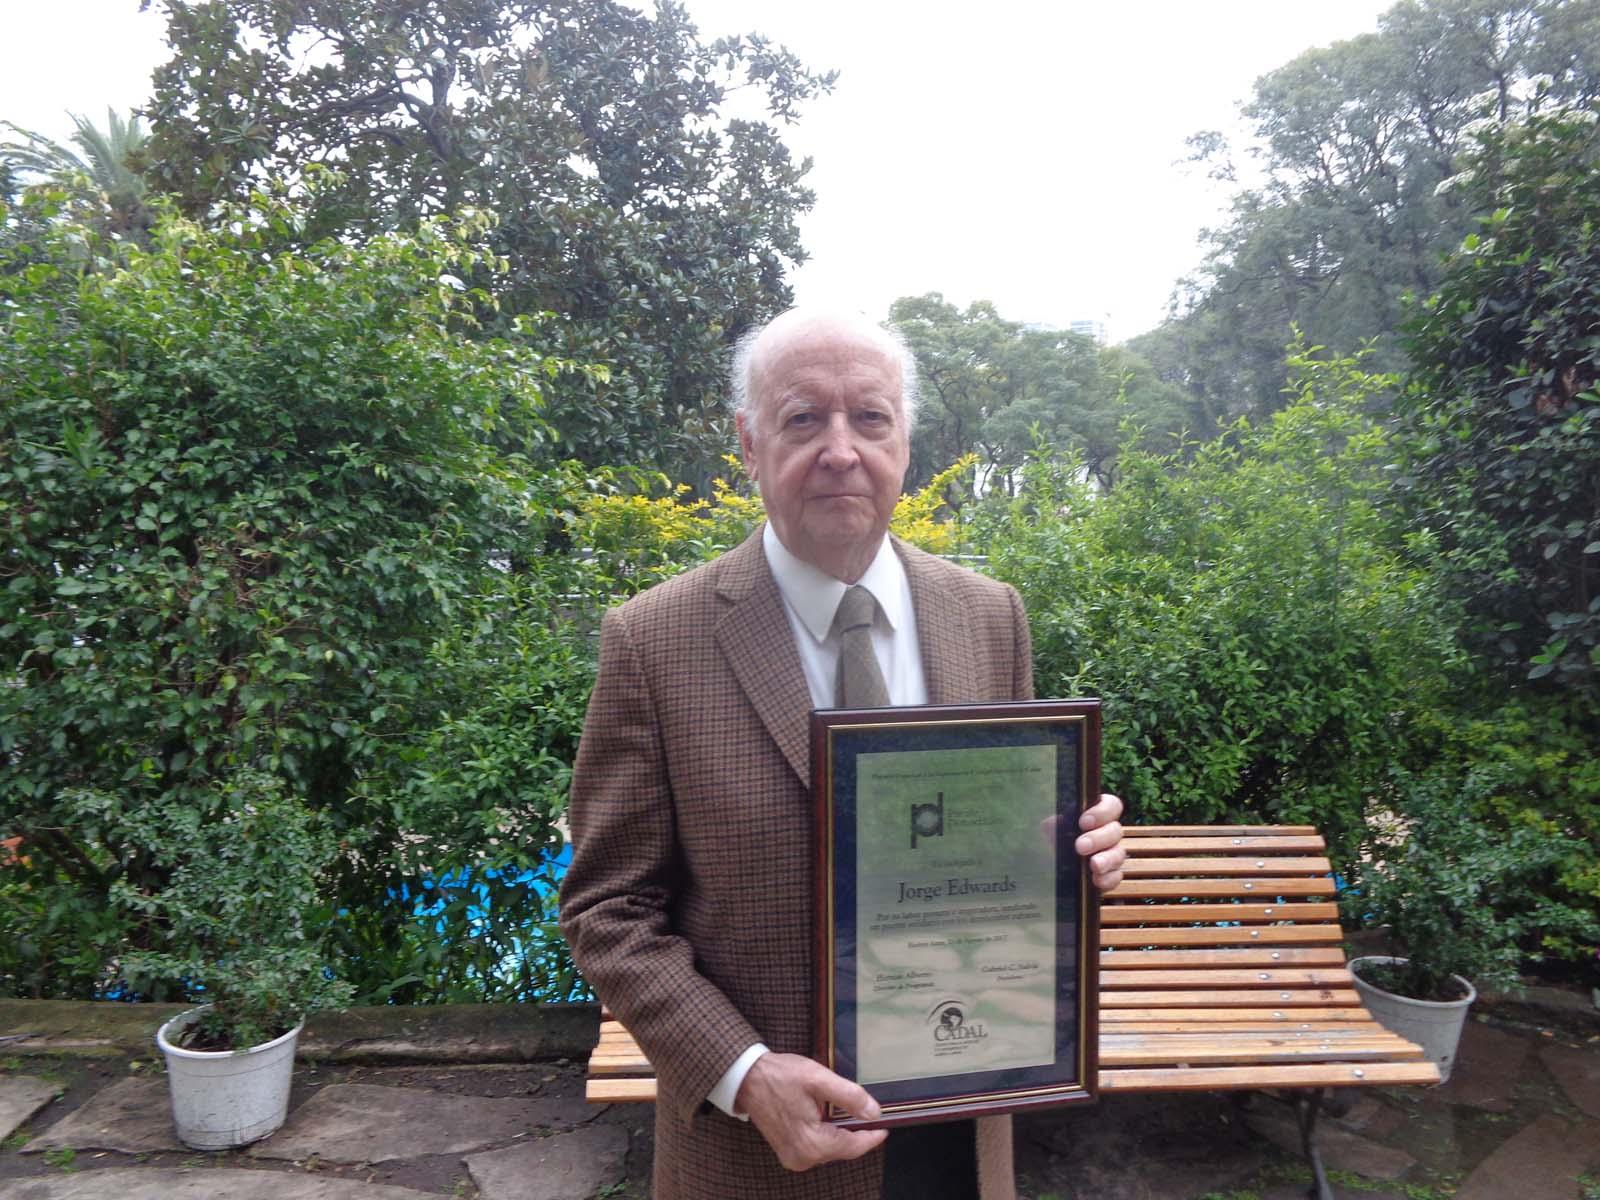 CADAL otorgó a Jorge Edwards un Premio Especial a la Diplomacia Comprometida en Cuba